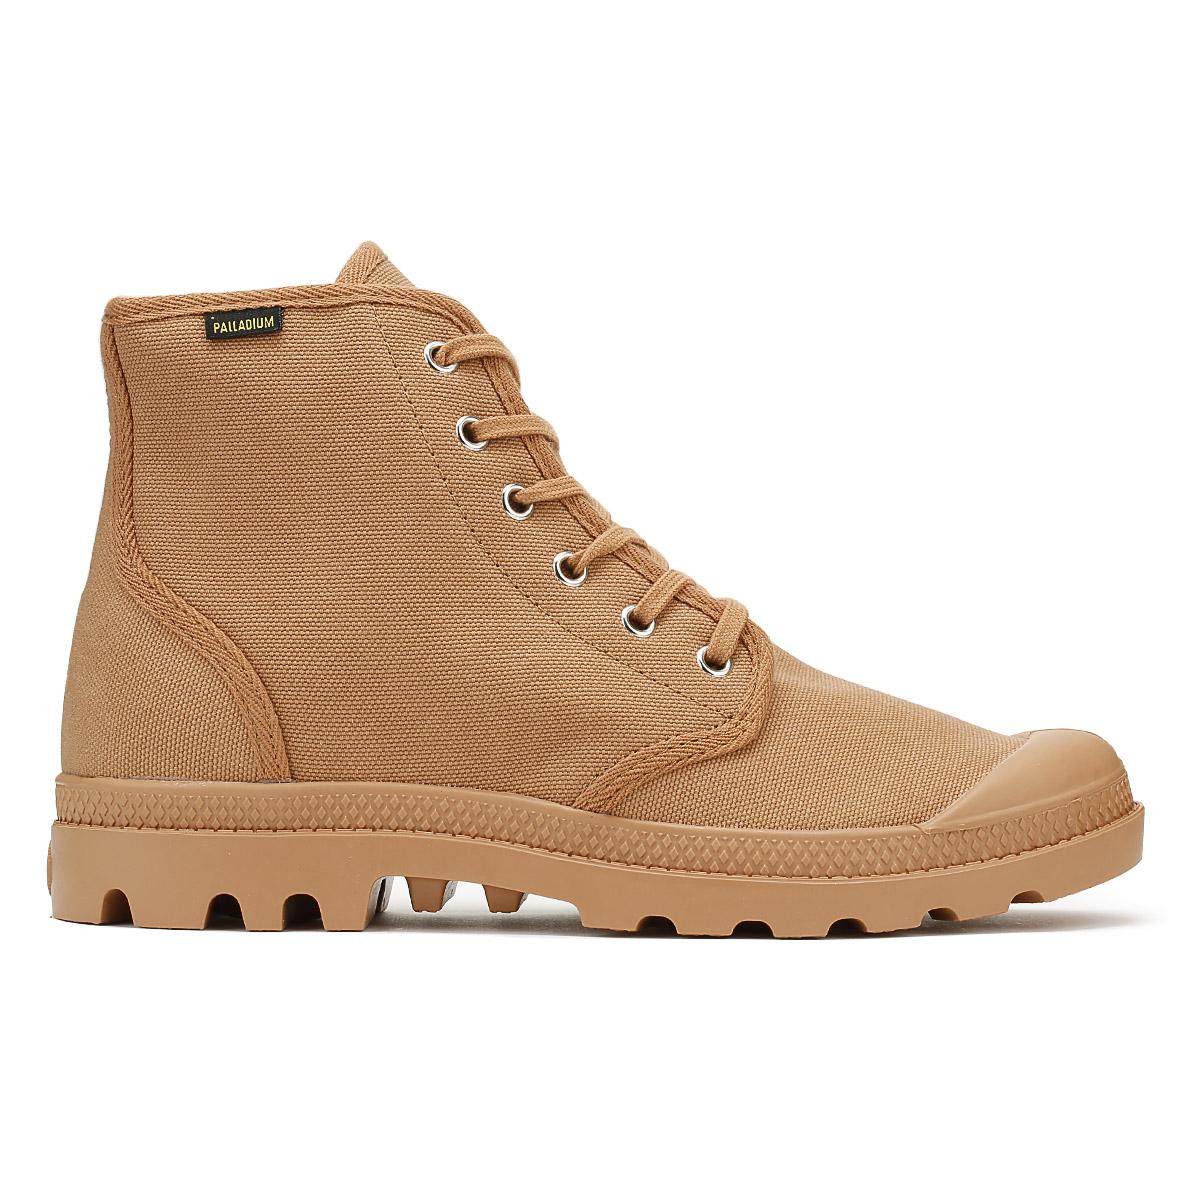 Palladium Damenschuhe Pampa Hi Stiefel Peru Braun Pampa Damenschuhe Originale Canvas Ankle Schuhes c5be50